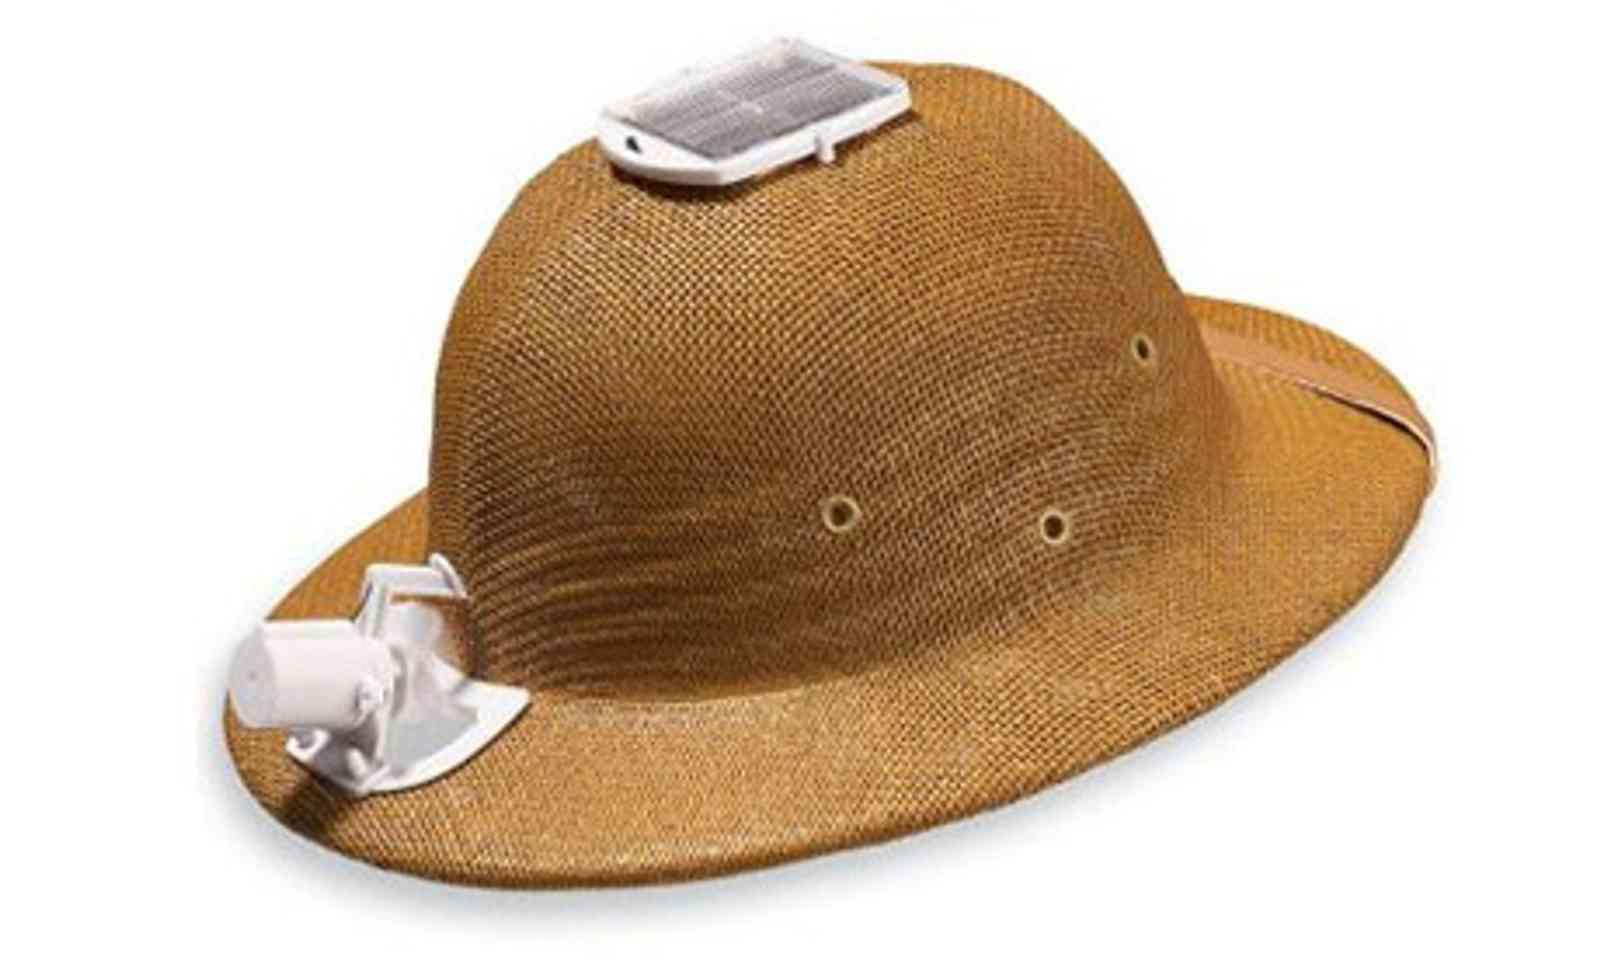 Sun-Mate solar hat